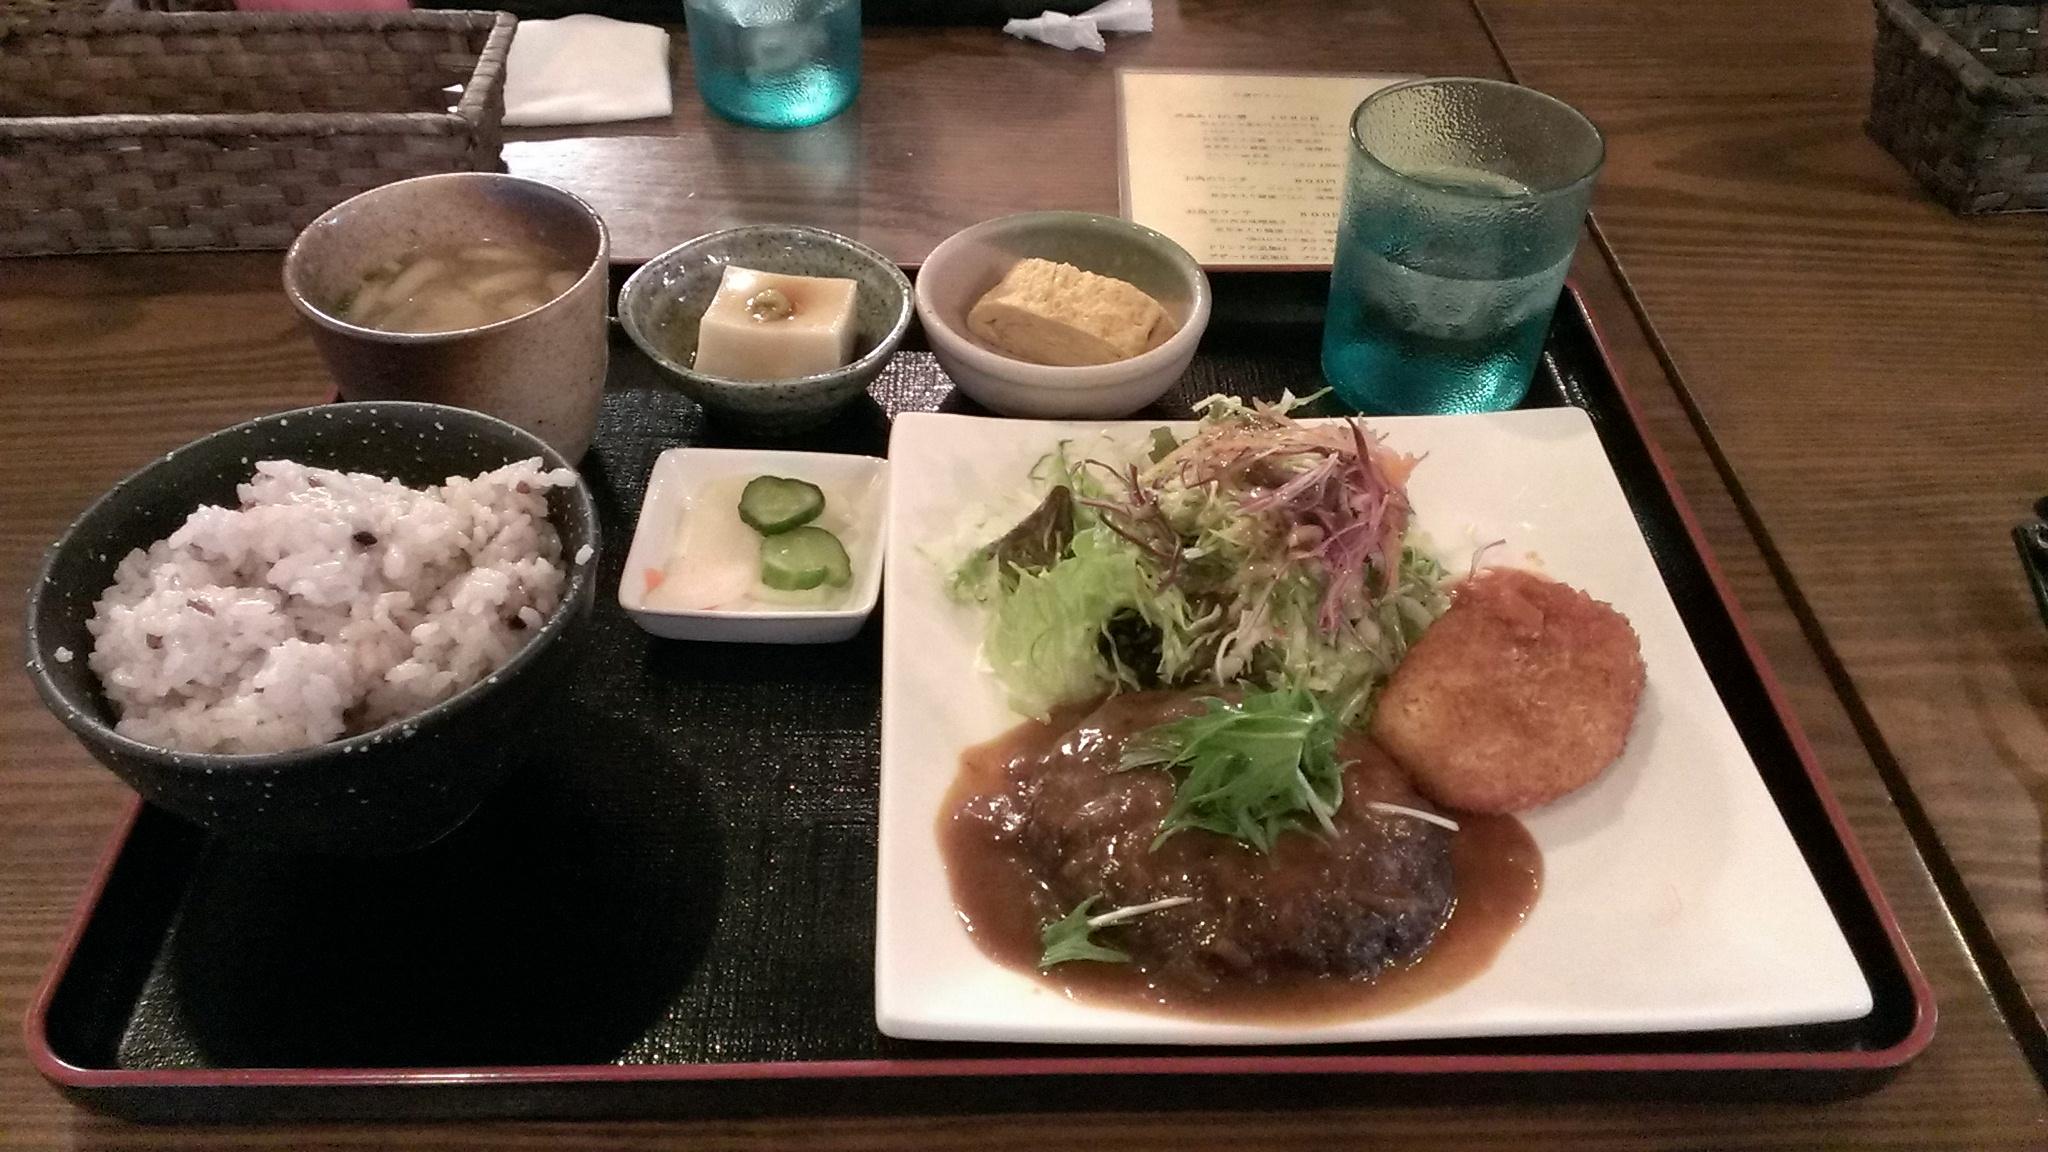 @mako_wisと最後の晩餐